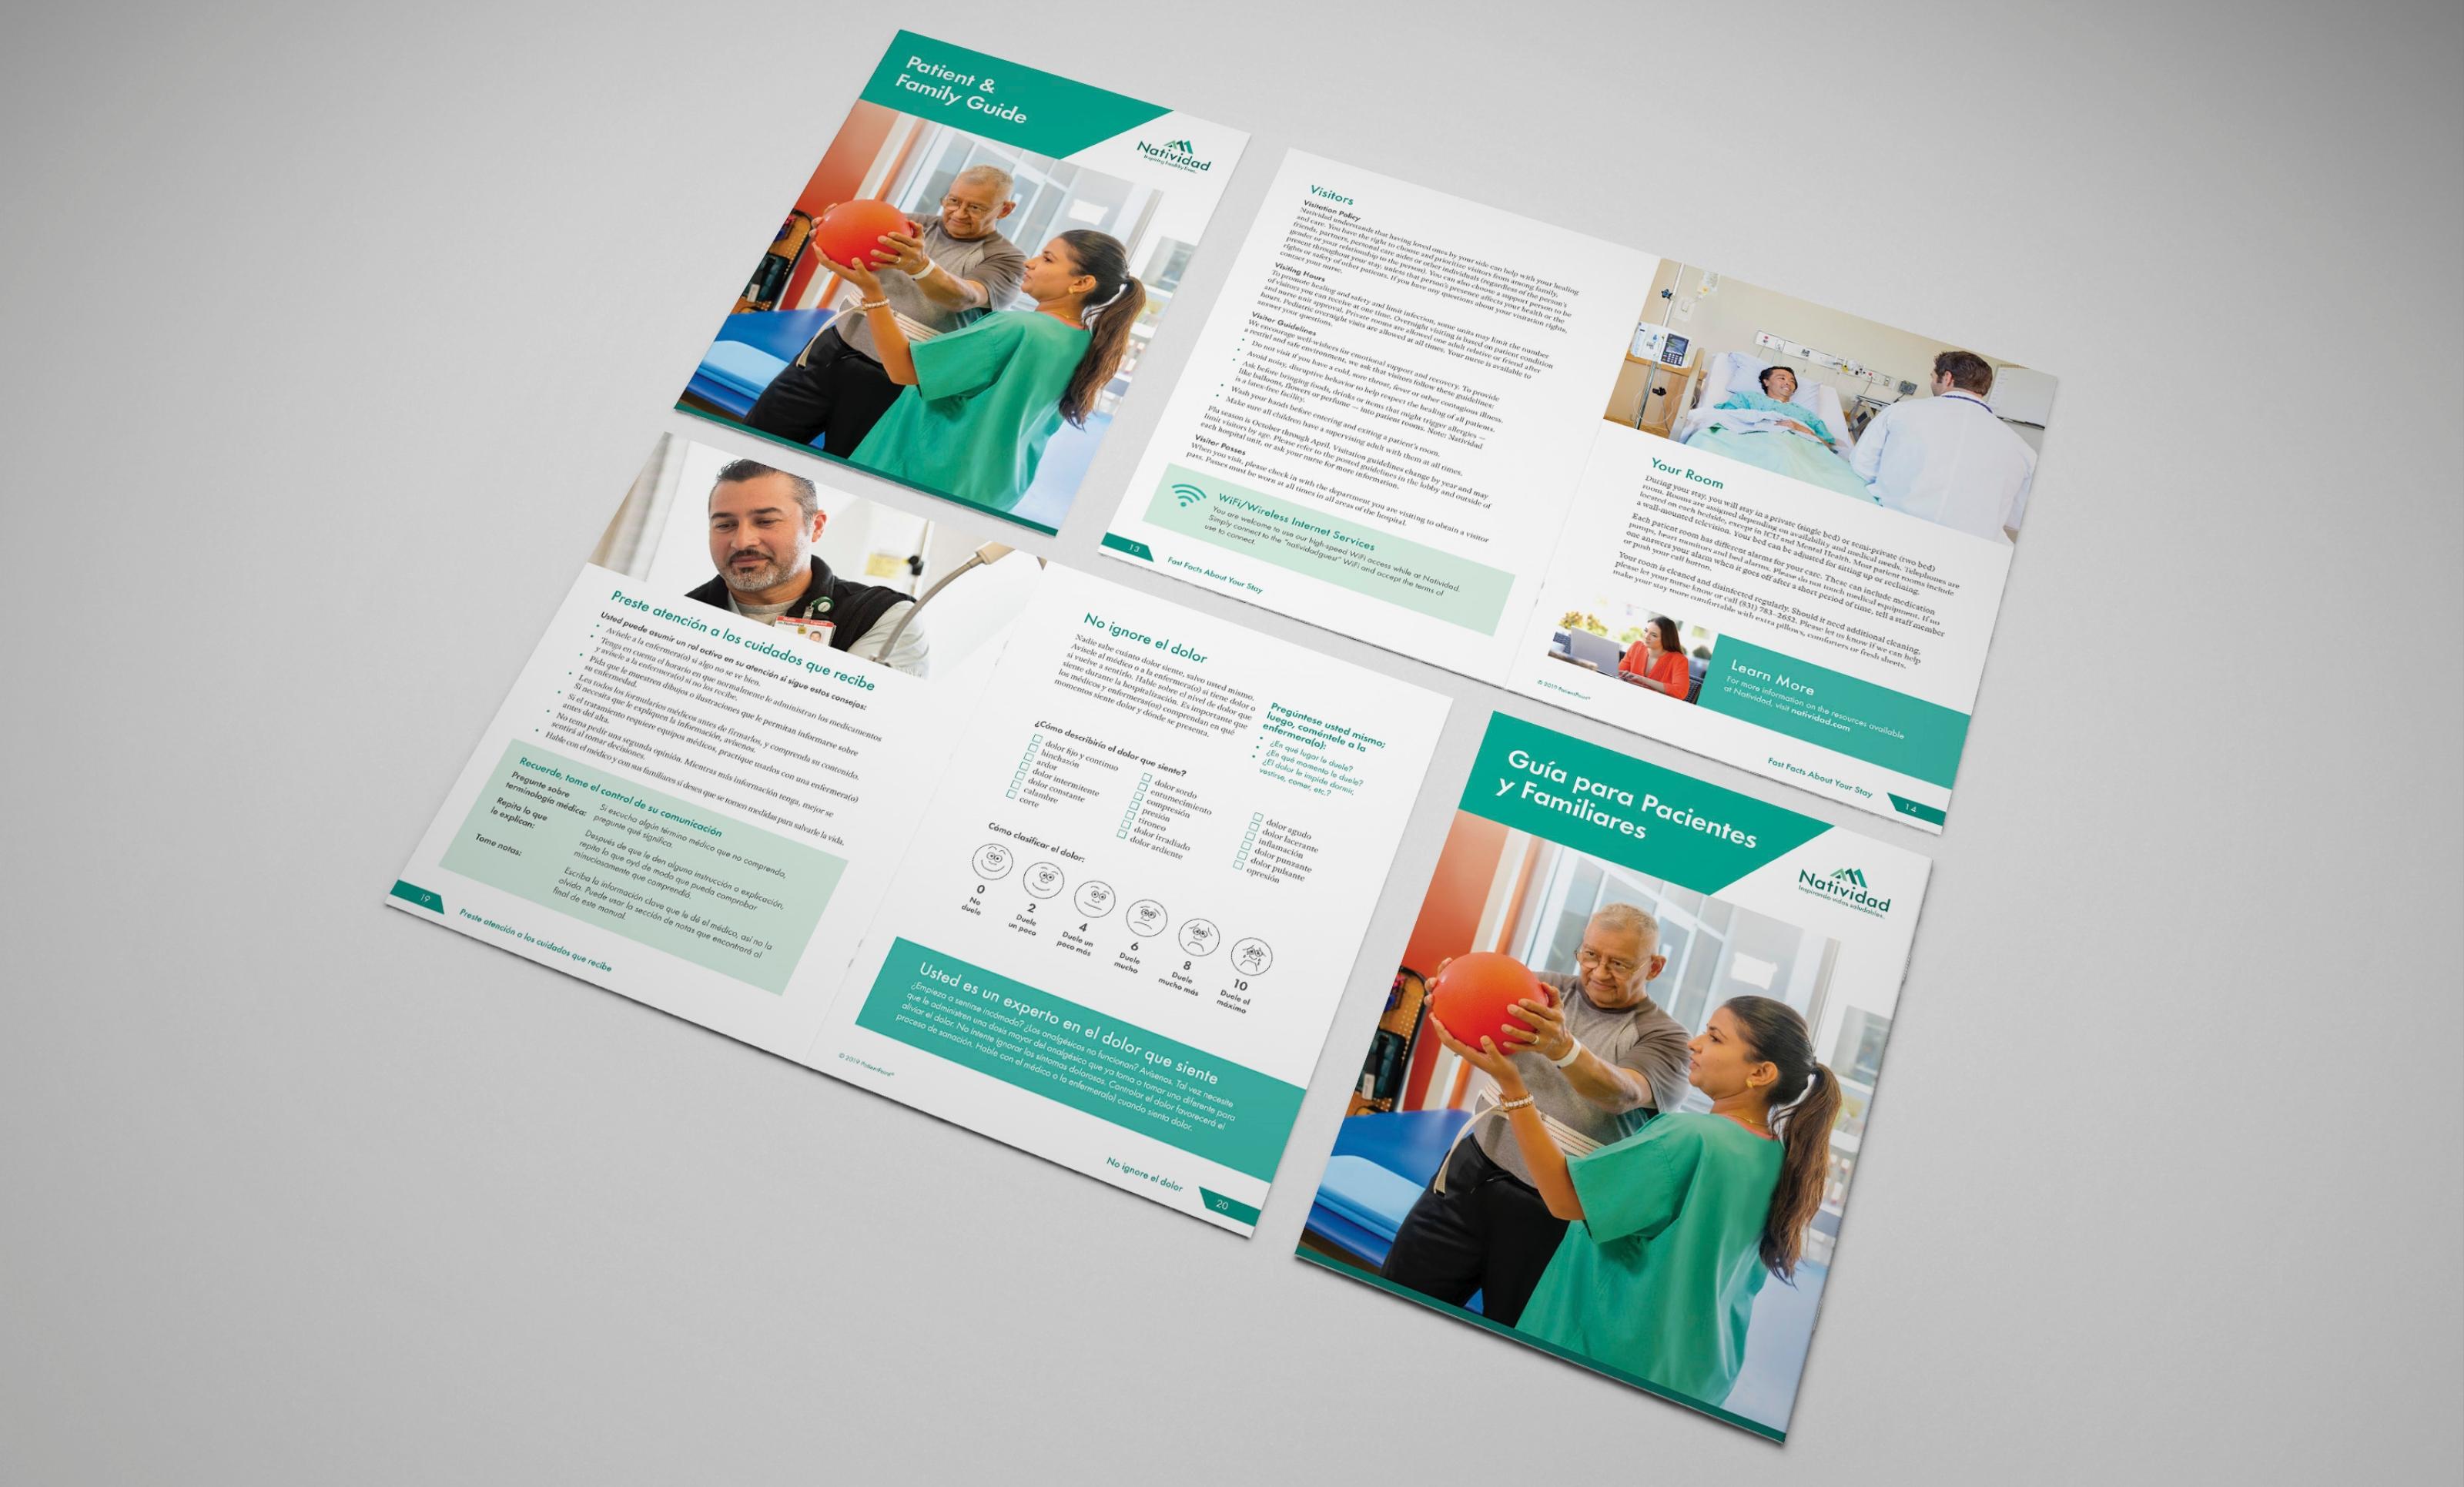 Natividad Patient Guide